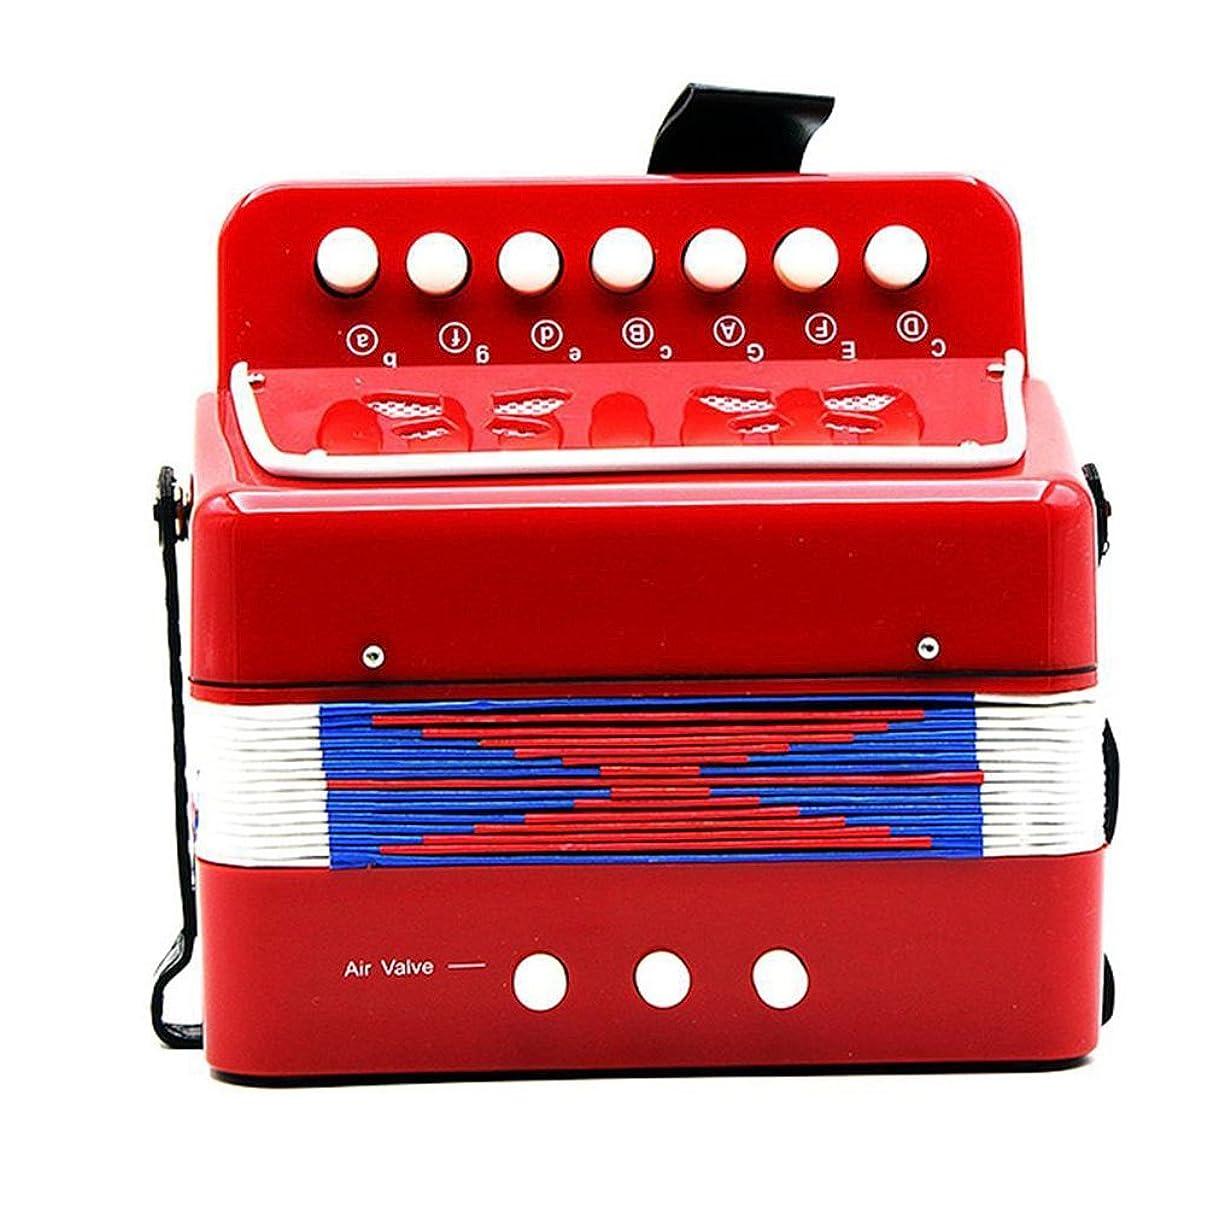 誰脚本憤るChildren 7-Key 2 Bass Mini Small Accordion Educational Instrument for Kids 子供たちのための7 - キー2ベースミニ小型アコーデオン教育器具 [並行輸入品]